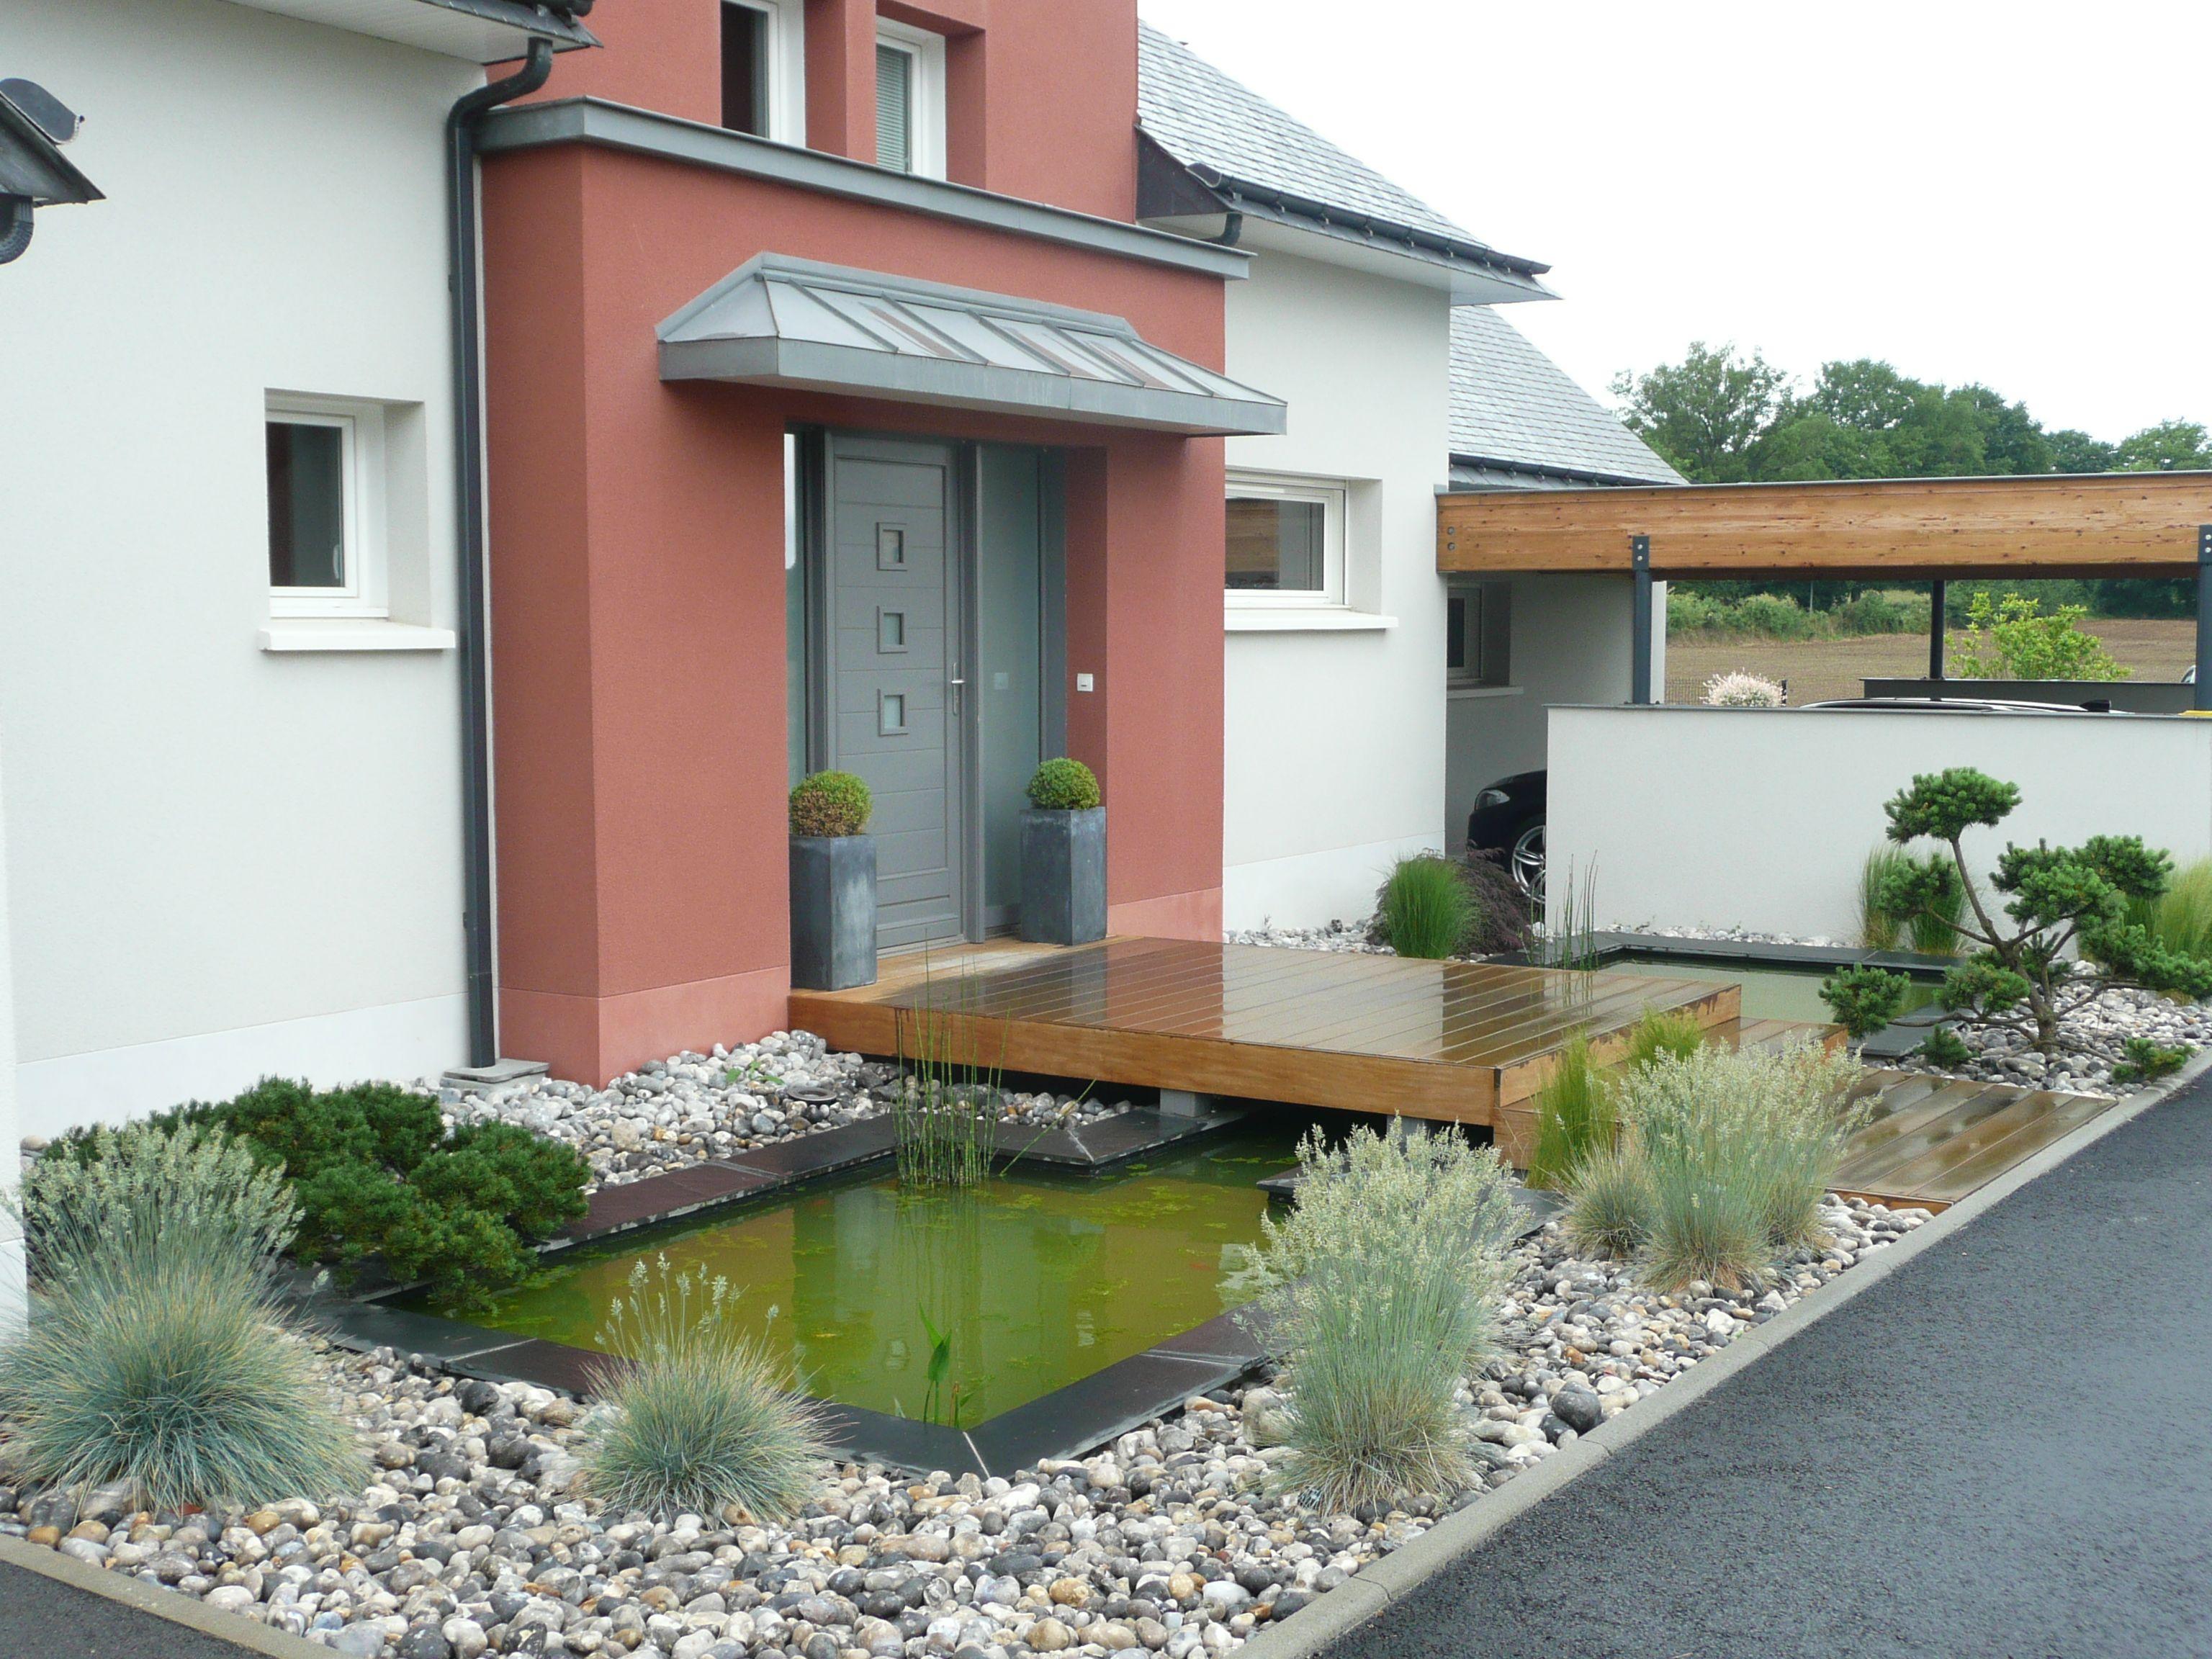 Pingl par maeva enzis sur am nagement paysager devant maison deco facade maison petit - Devant de maison ...